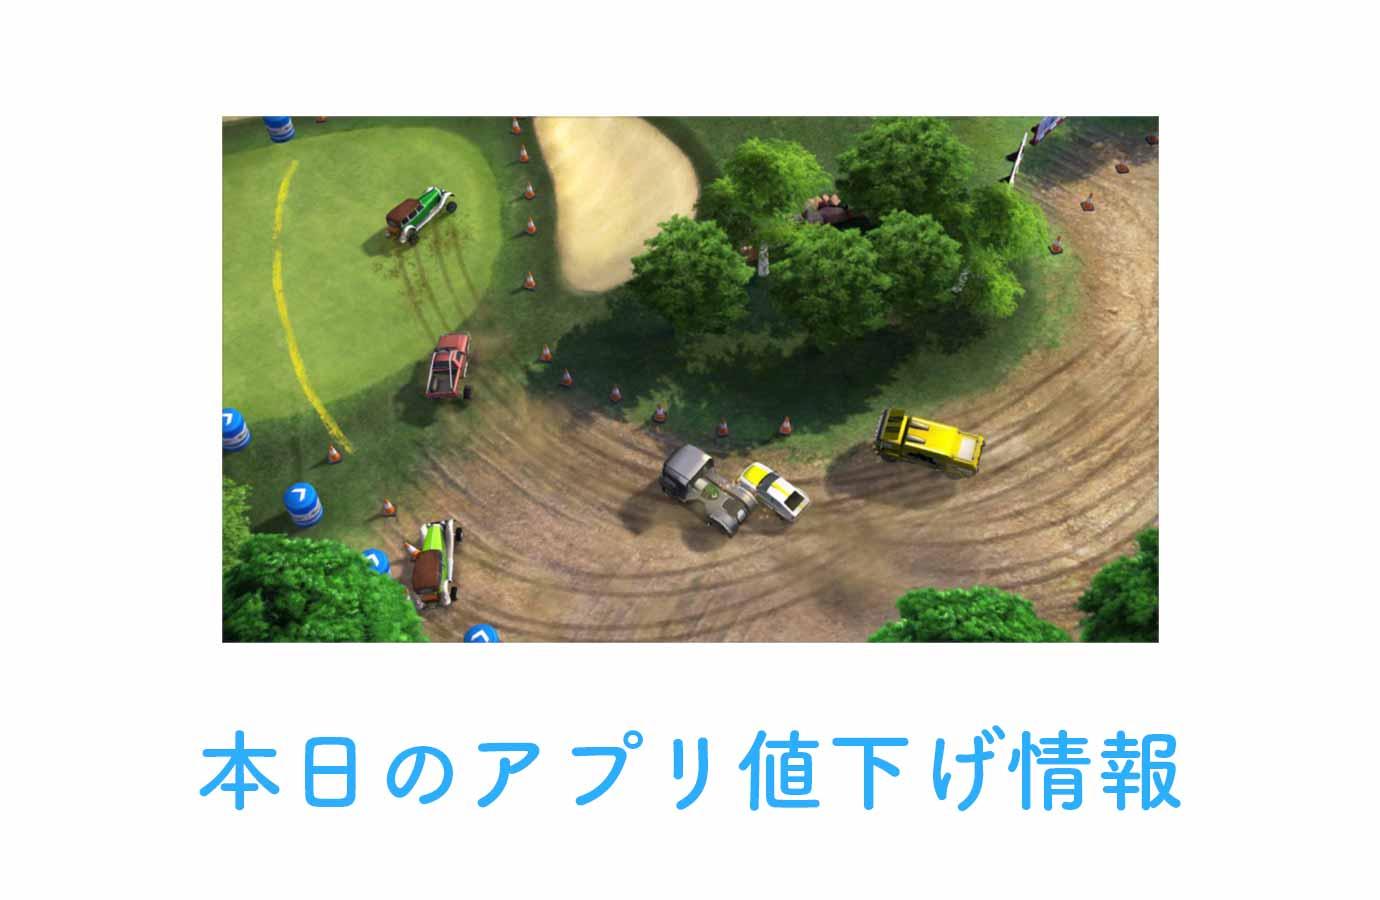 360円→無料!見下ろし型ドリフトレース「Reckless Racing 3」など【11/6】アプリ値下げ情報